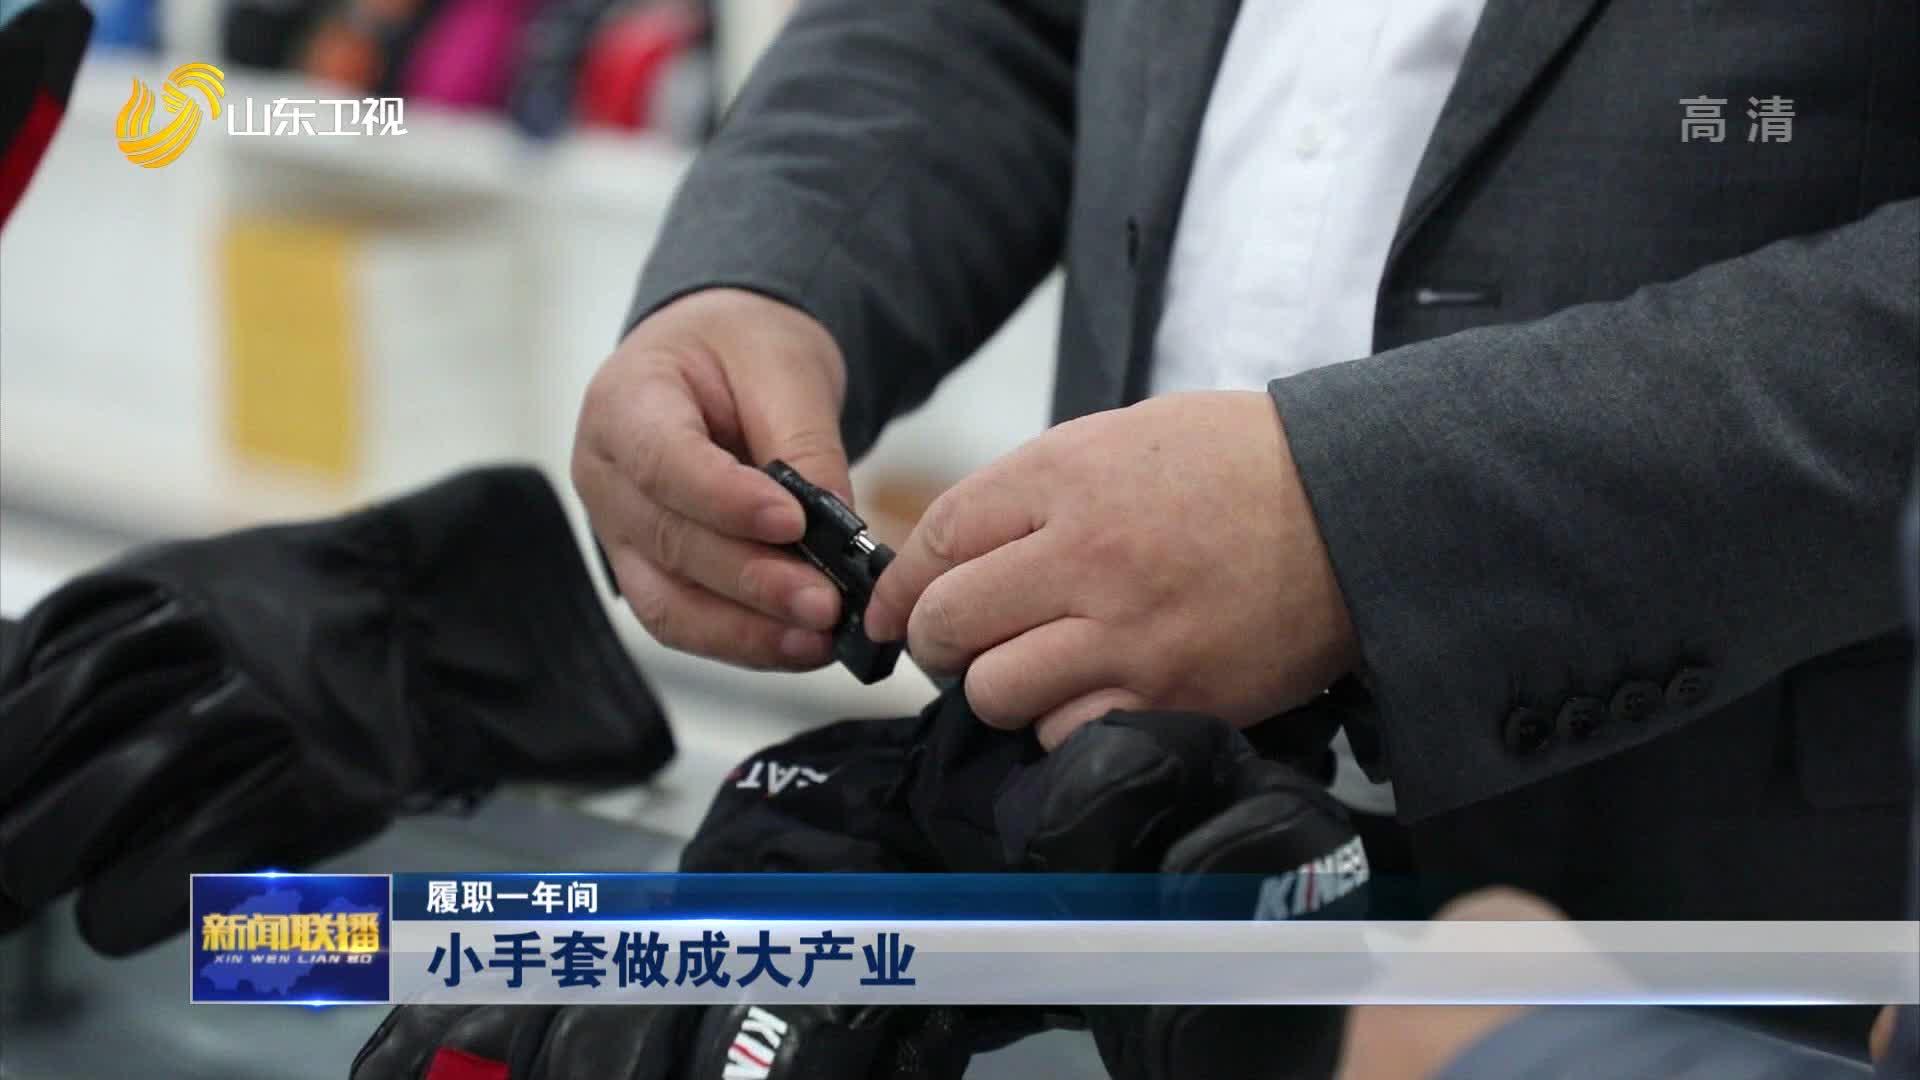 【履职一年间】小手套做成大产业